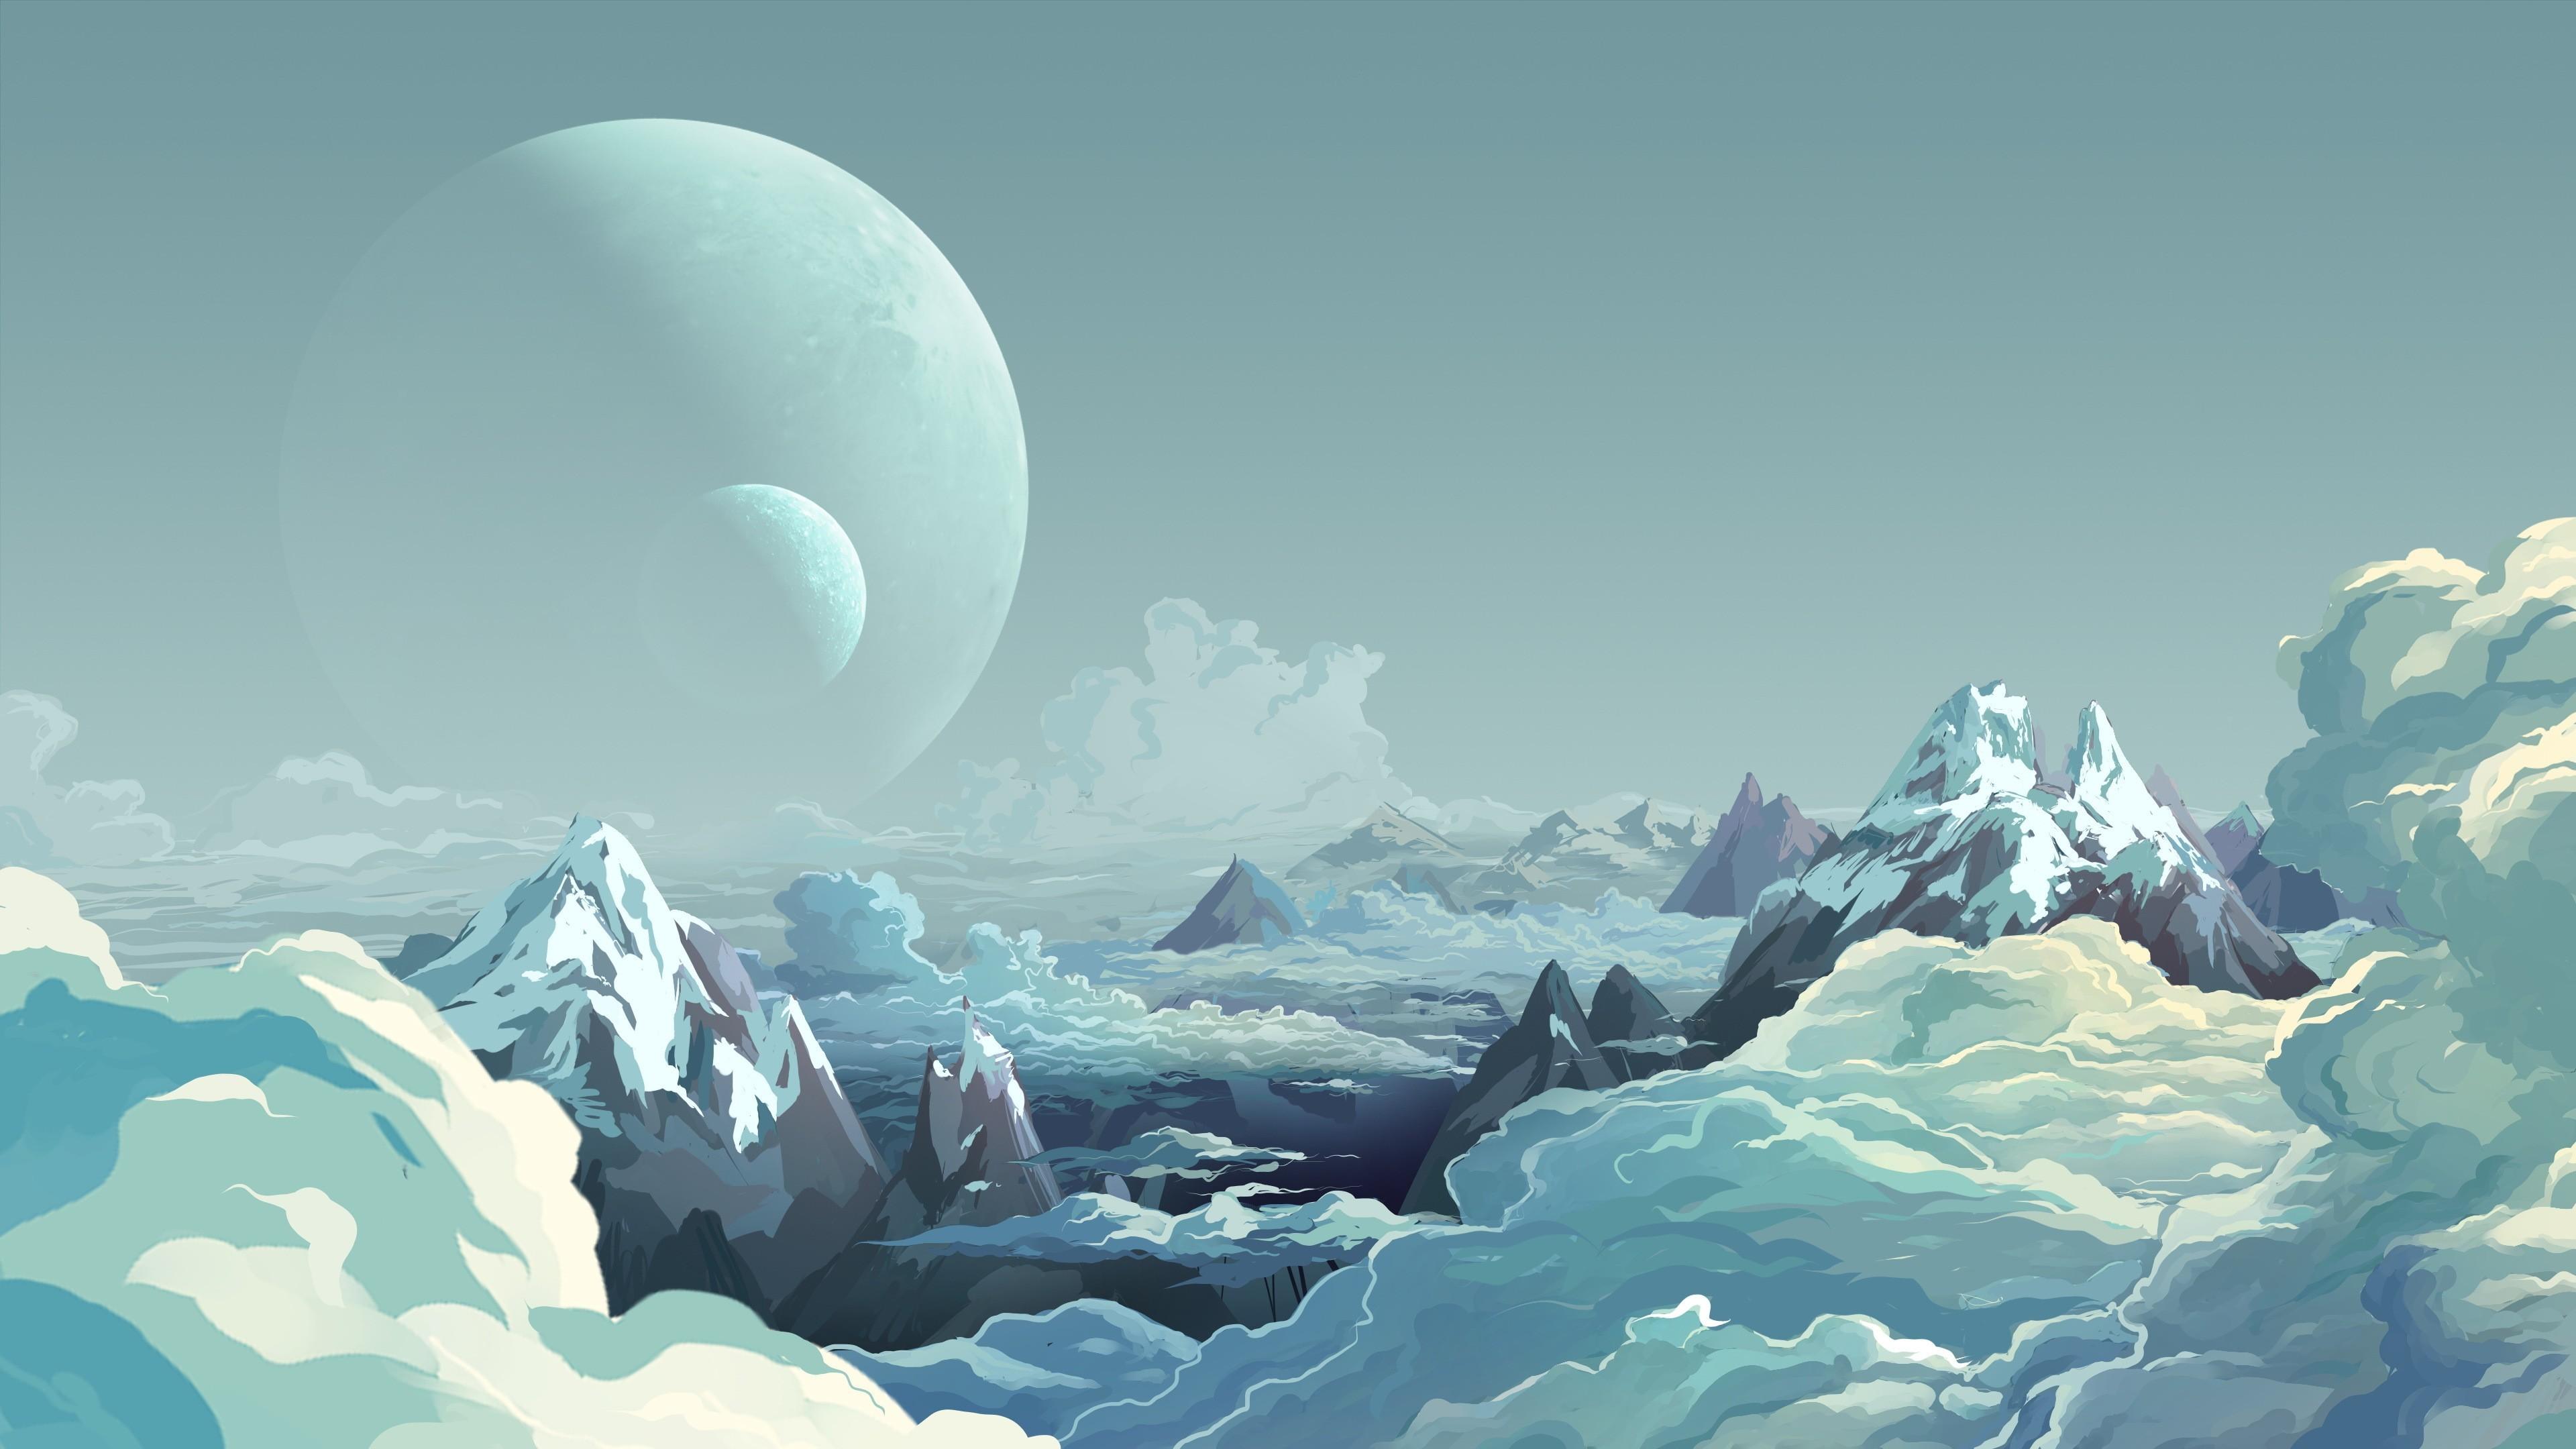 planetary landscape | Alien Landscape Planets Mountains Clouds Drawing  landscapes planet art .